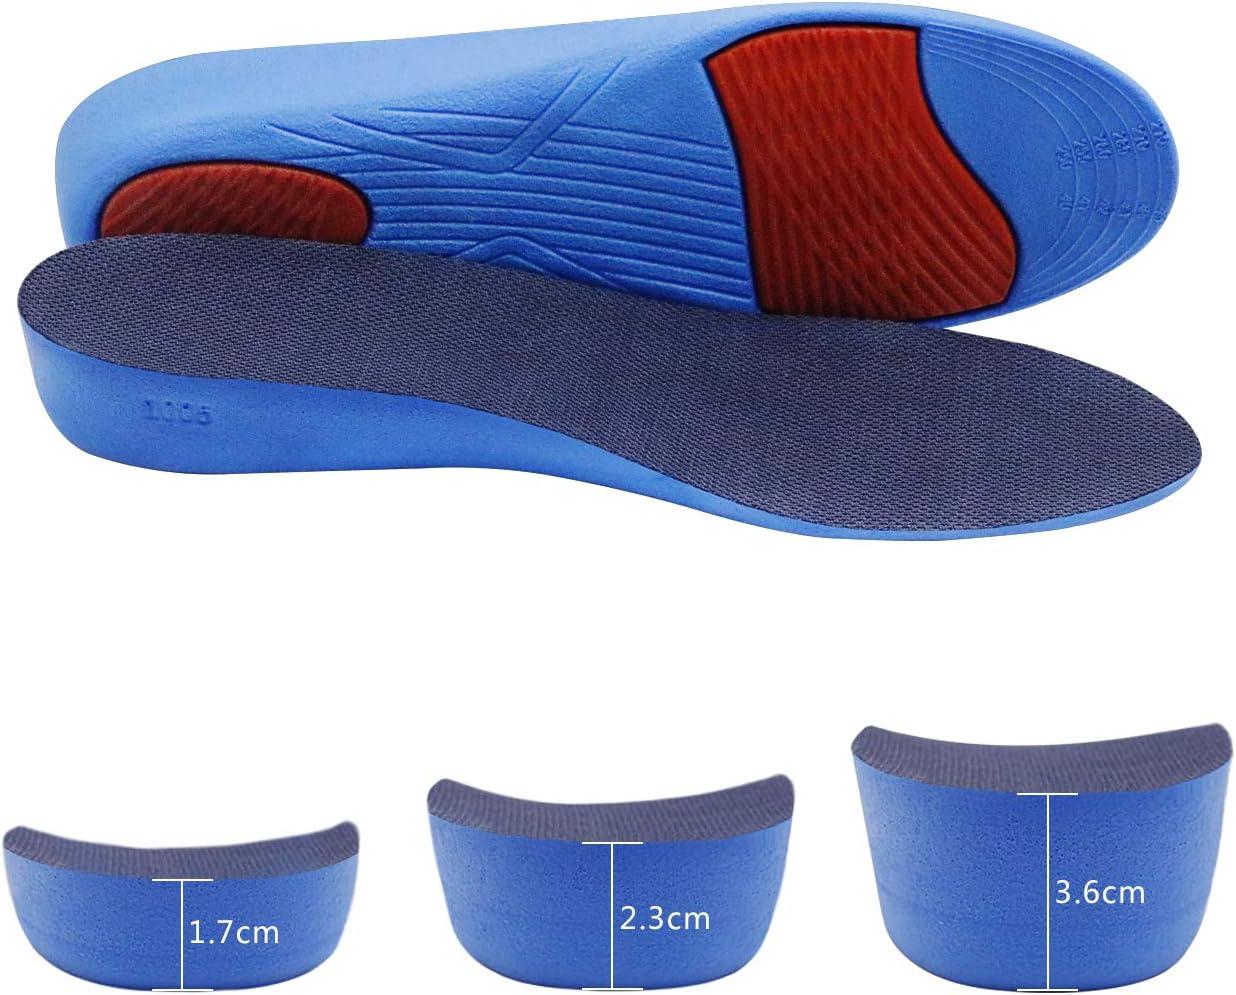 3-9cm Erhöhung Einlegesohle Fersenkissen Höhe Taller Pad Schuheinlagen Erhöhenni